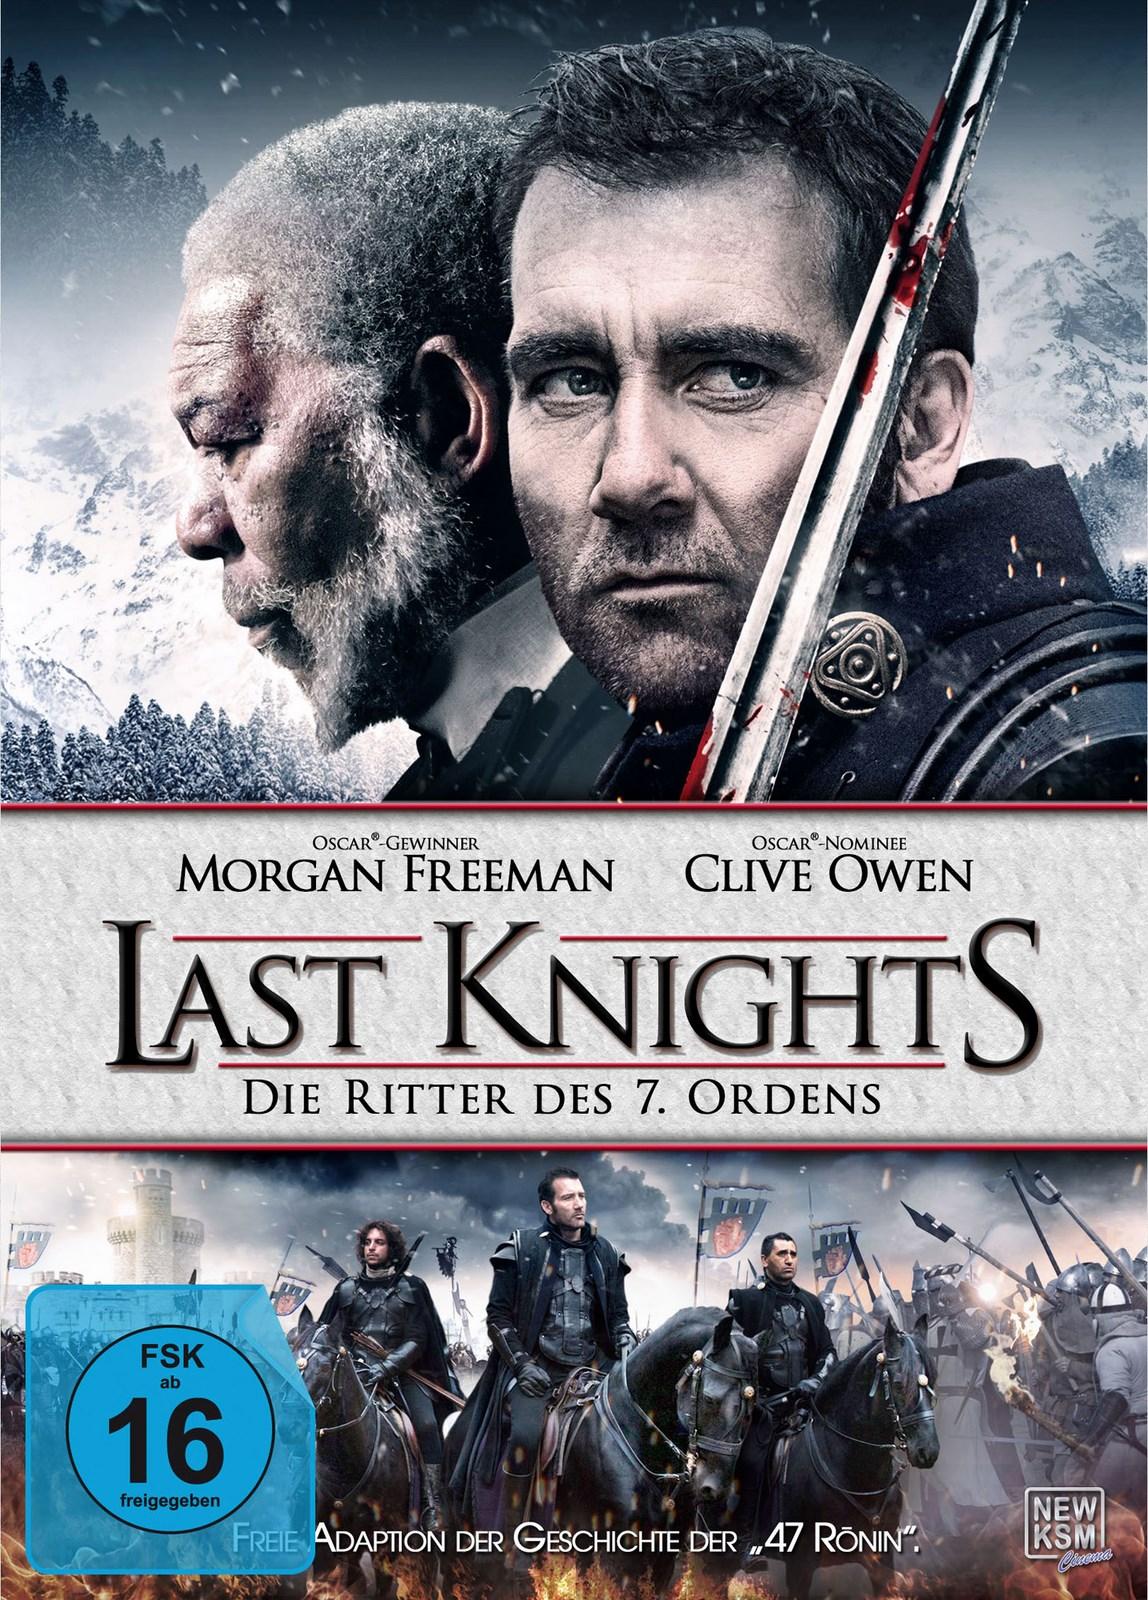 Gute Ritterfilme